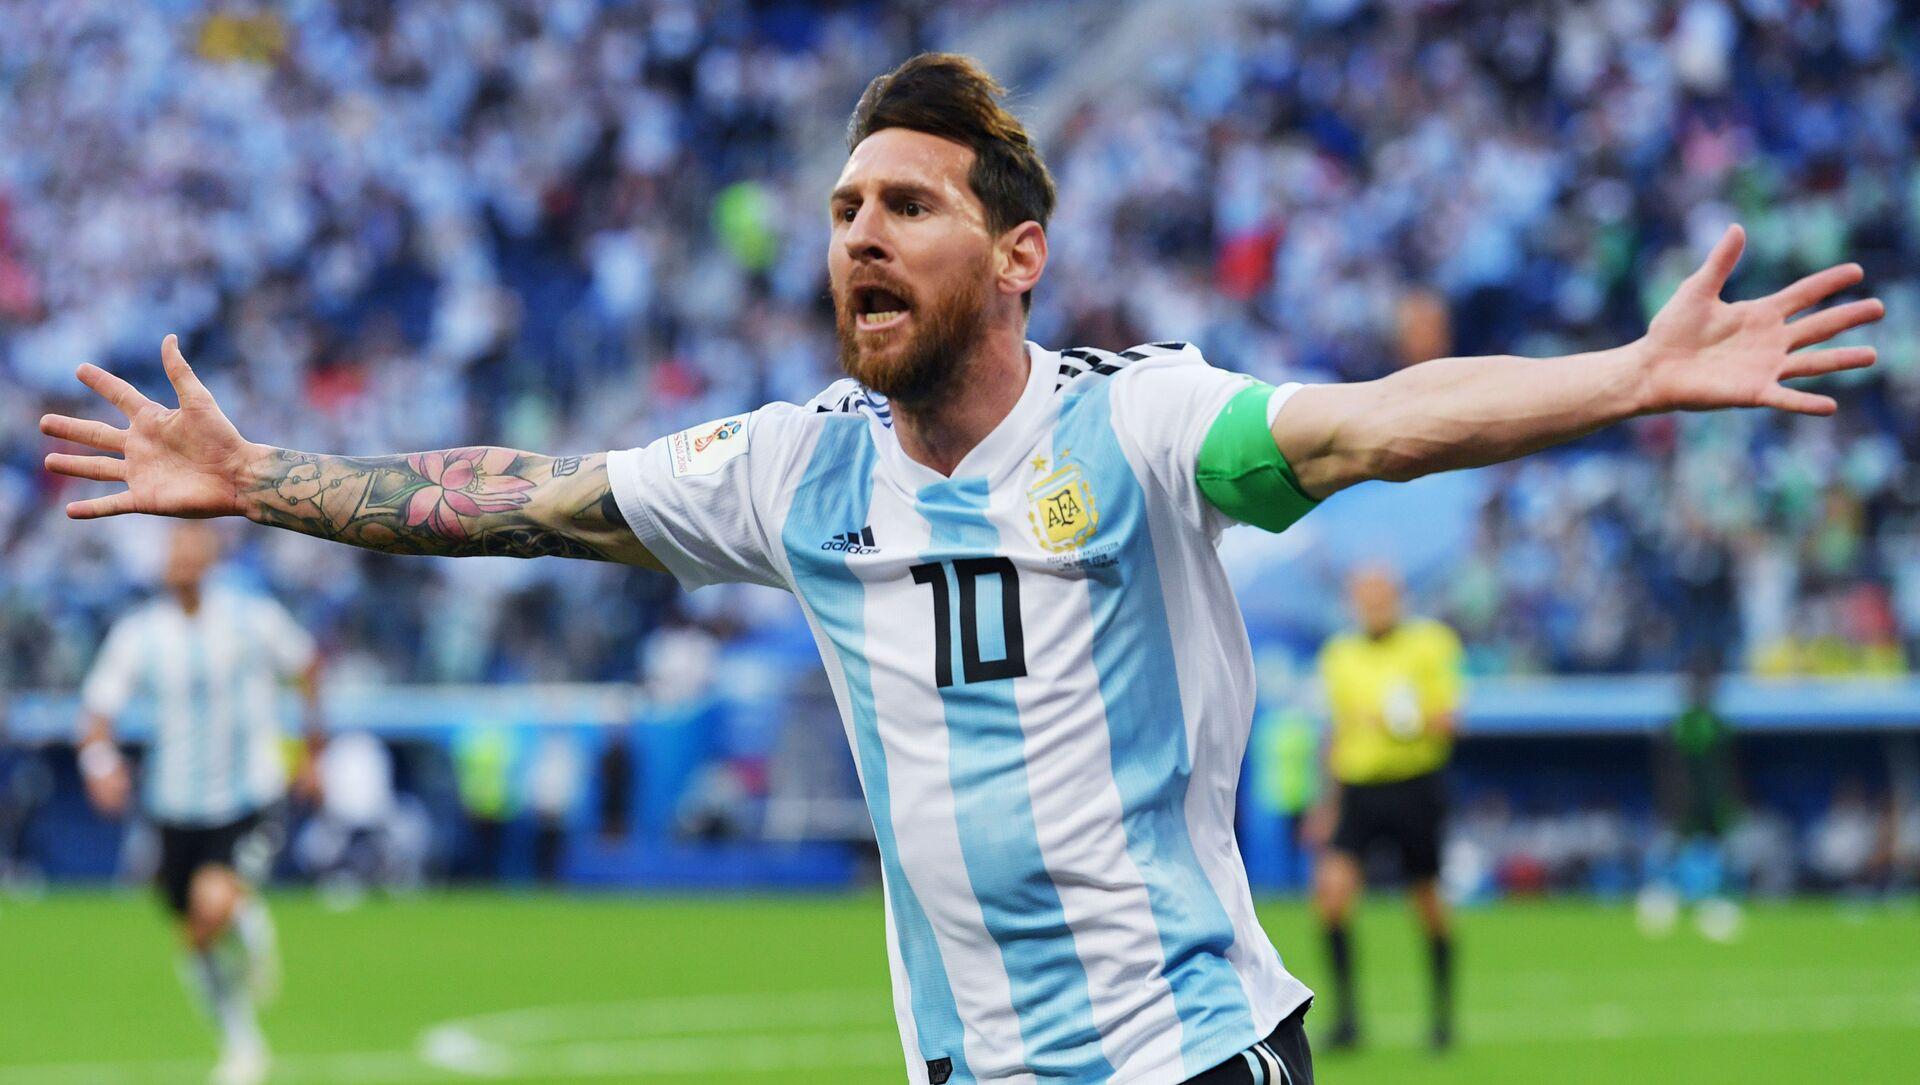 Lionel Messi lors du match Nigeria-Argentine à la Coupe du monde 2018 - Sputnik France, 1920, 10.08.2021